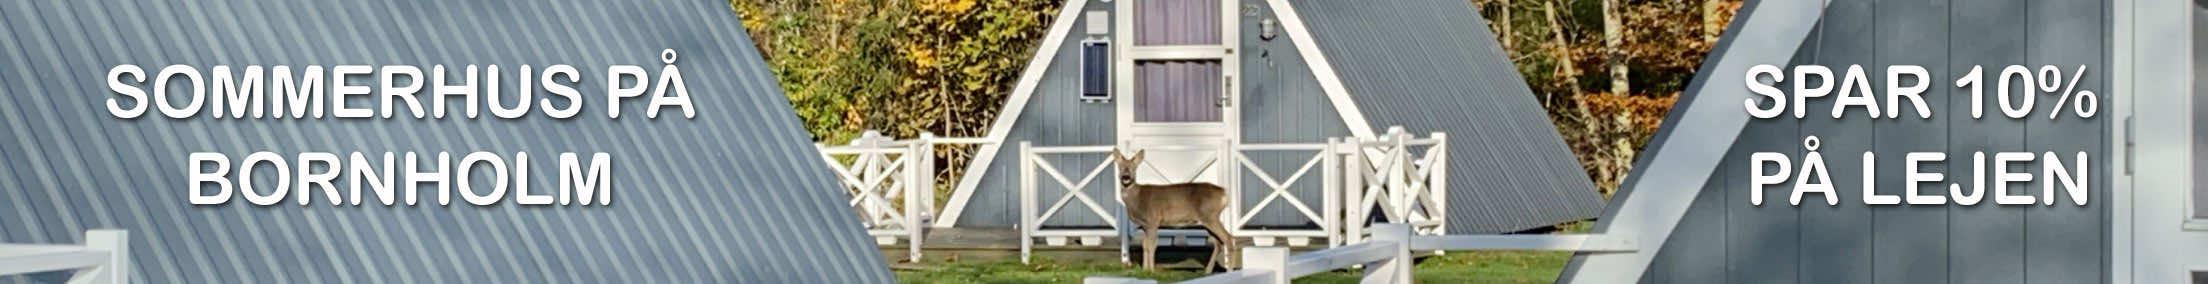 Billigt sommerhus på Bornholm - Spar 10% på lejen